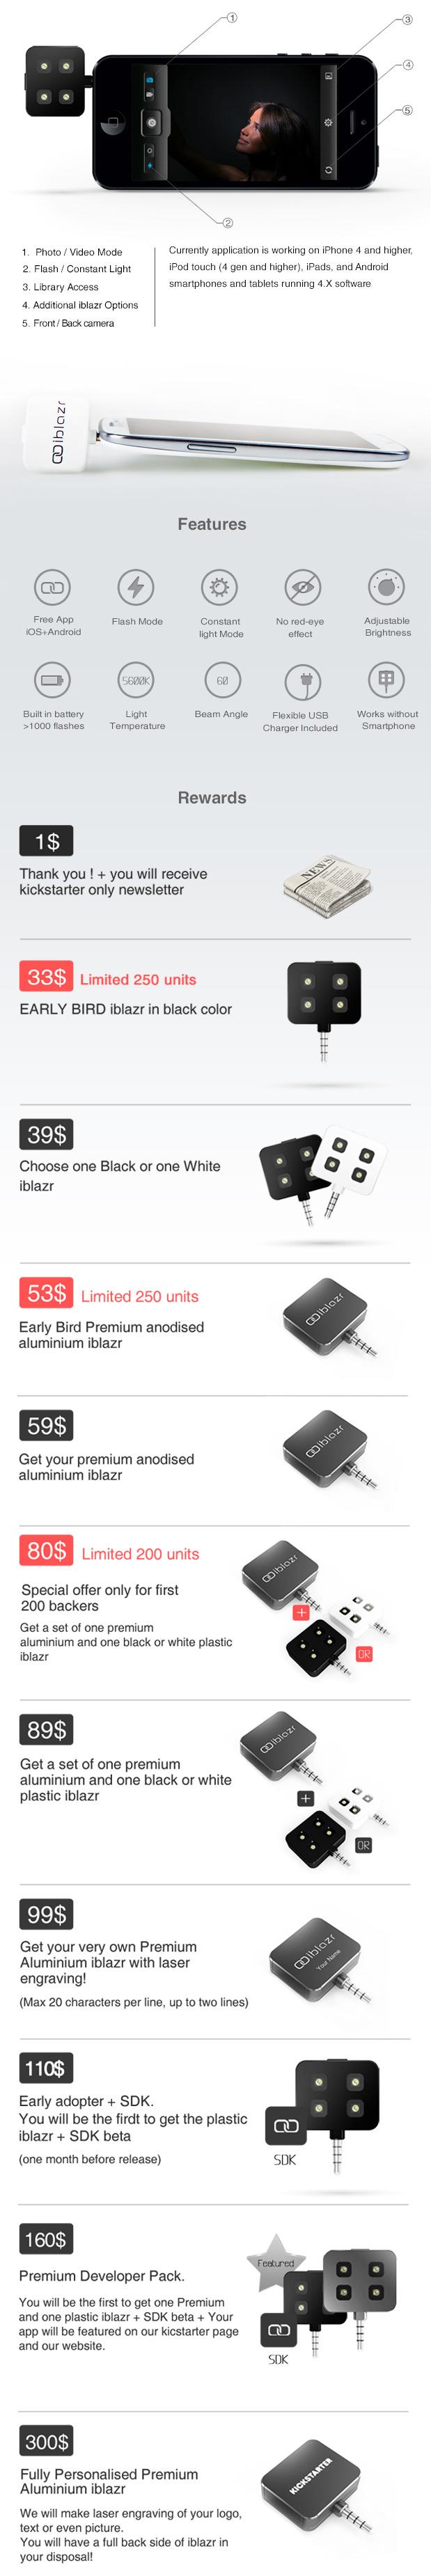 iblazr iblazr: externer LED Blitz für Smartphones und Tablets jetzt bei Kickstarter für 33 Dollar